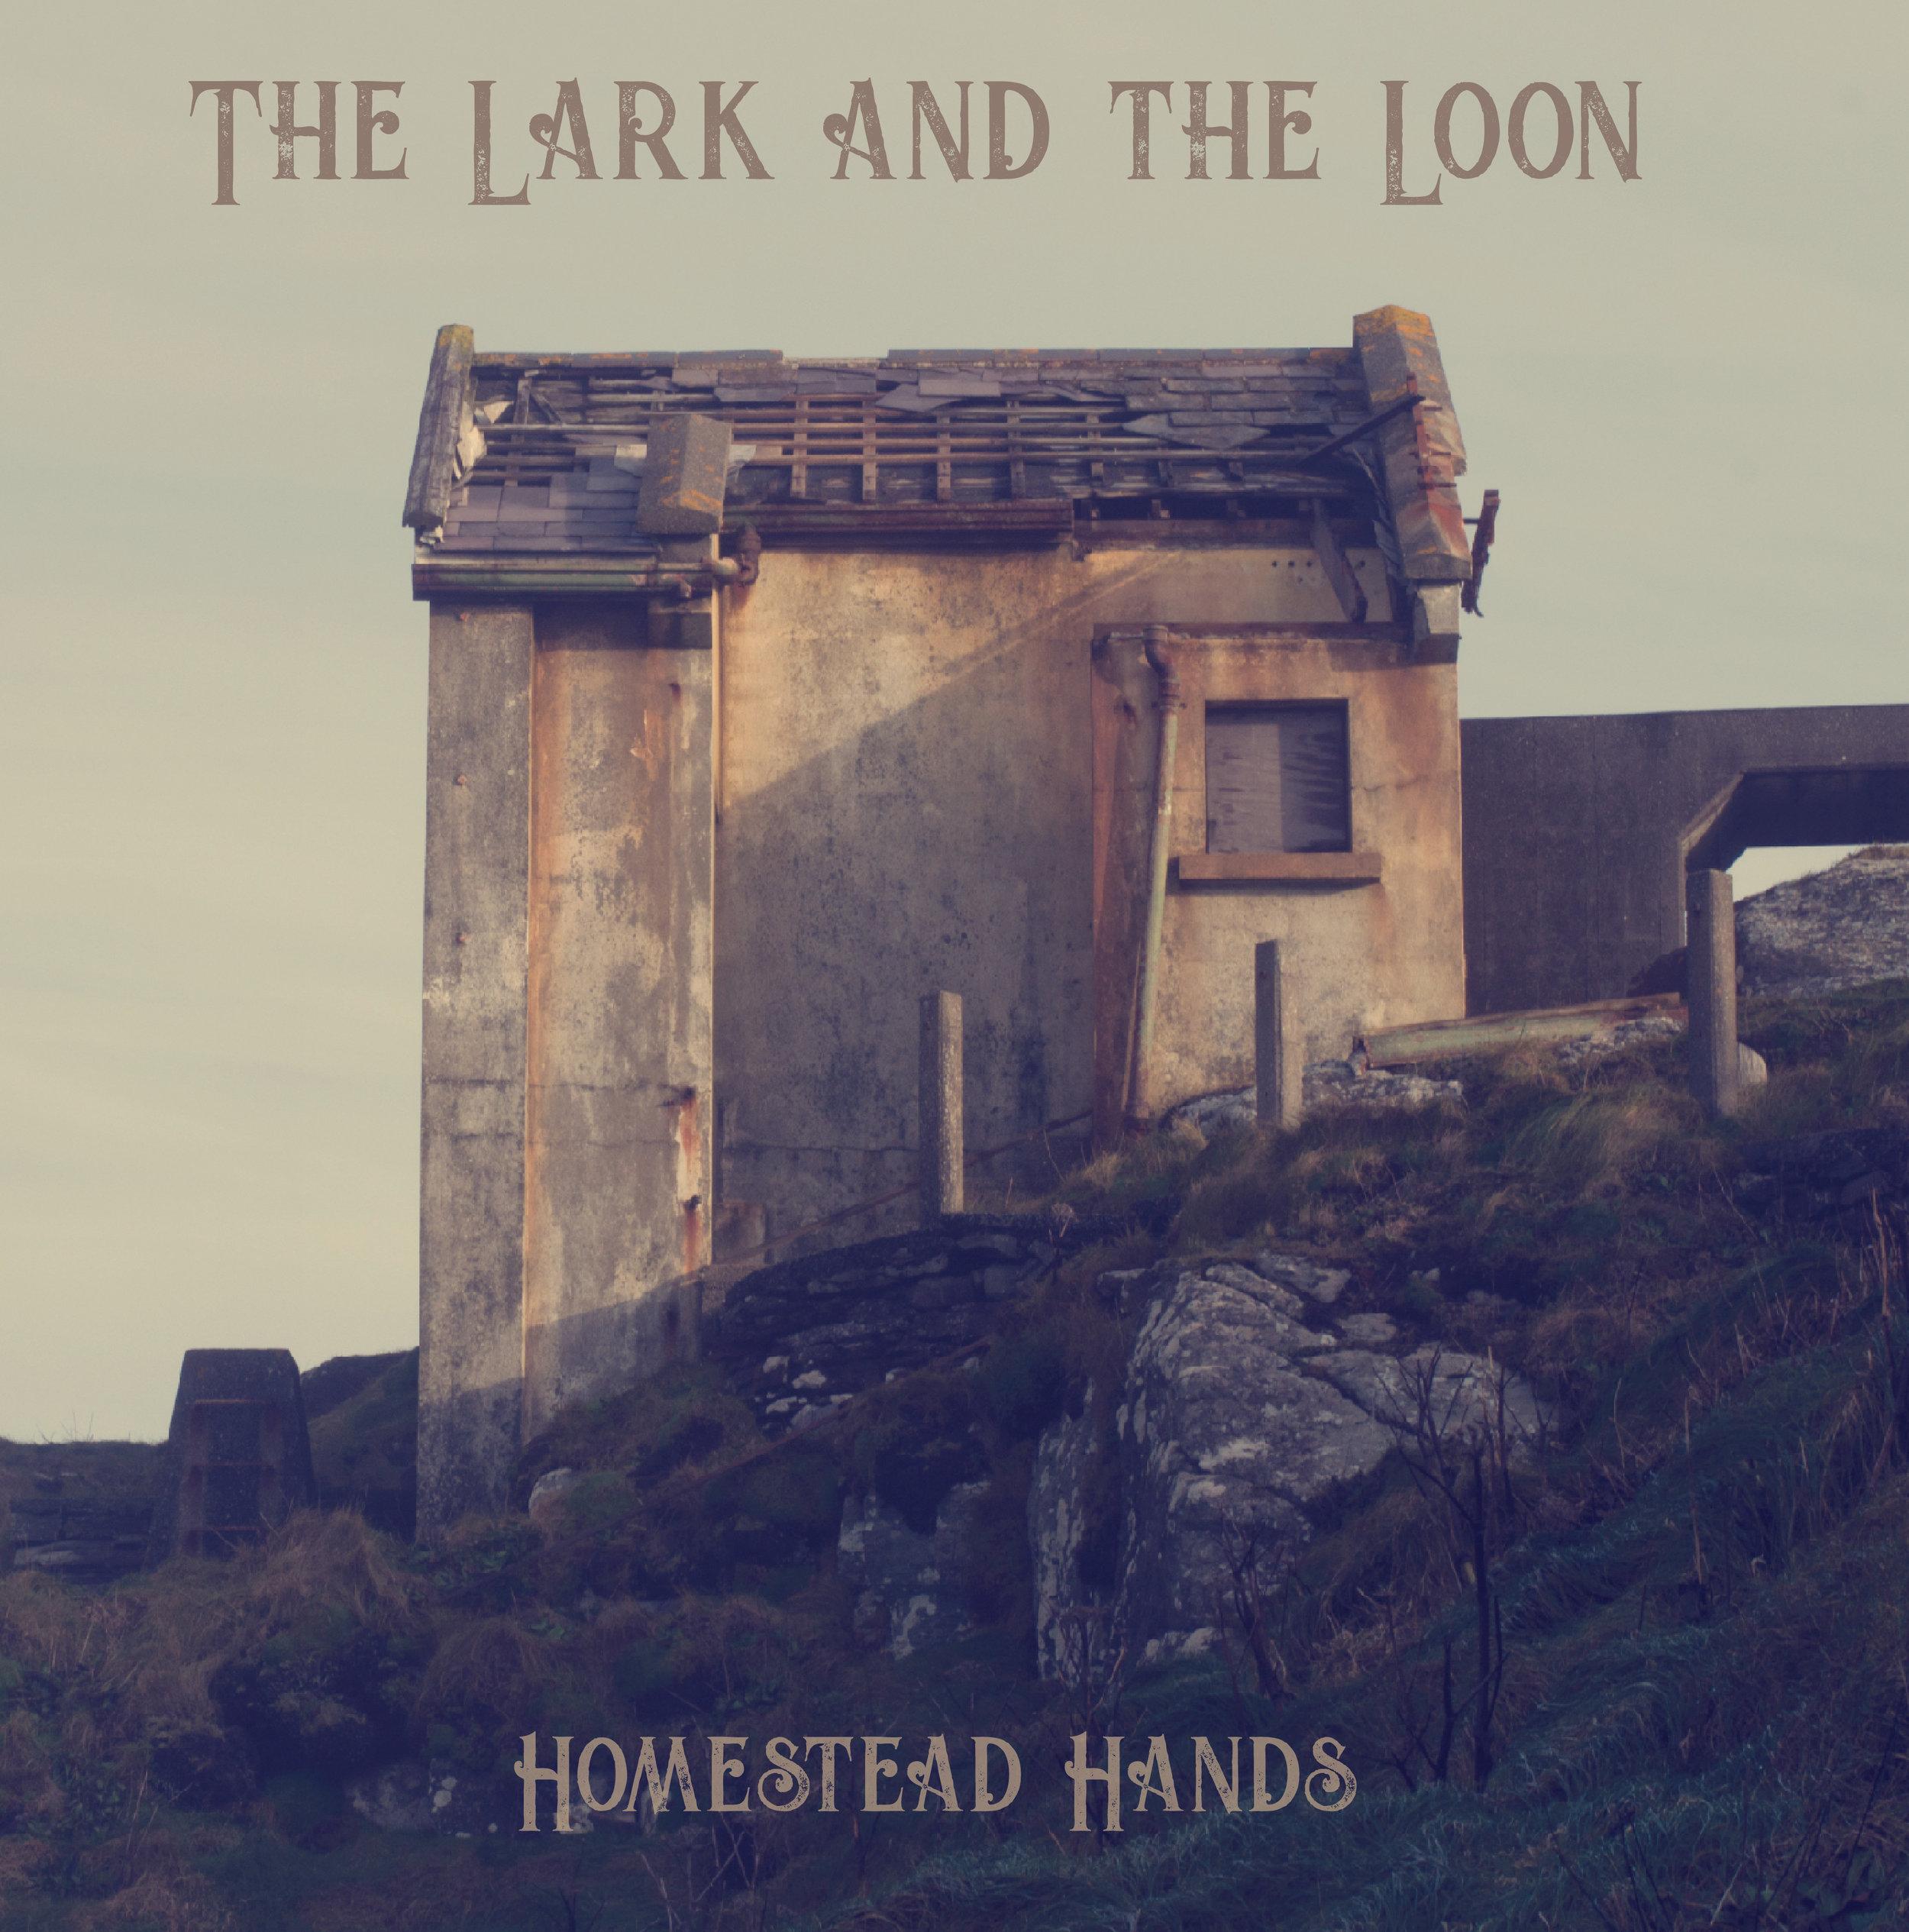 HH Album Cover.jpg